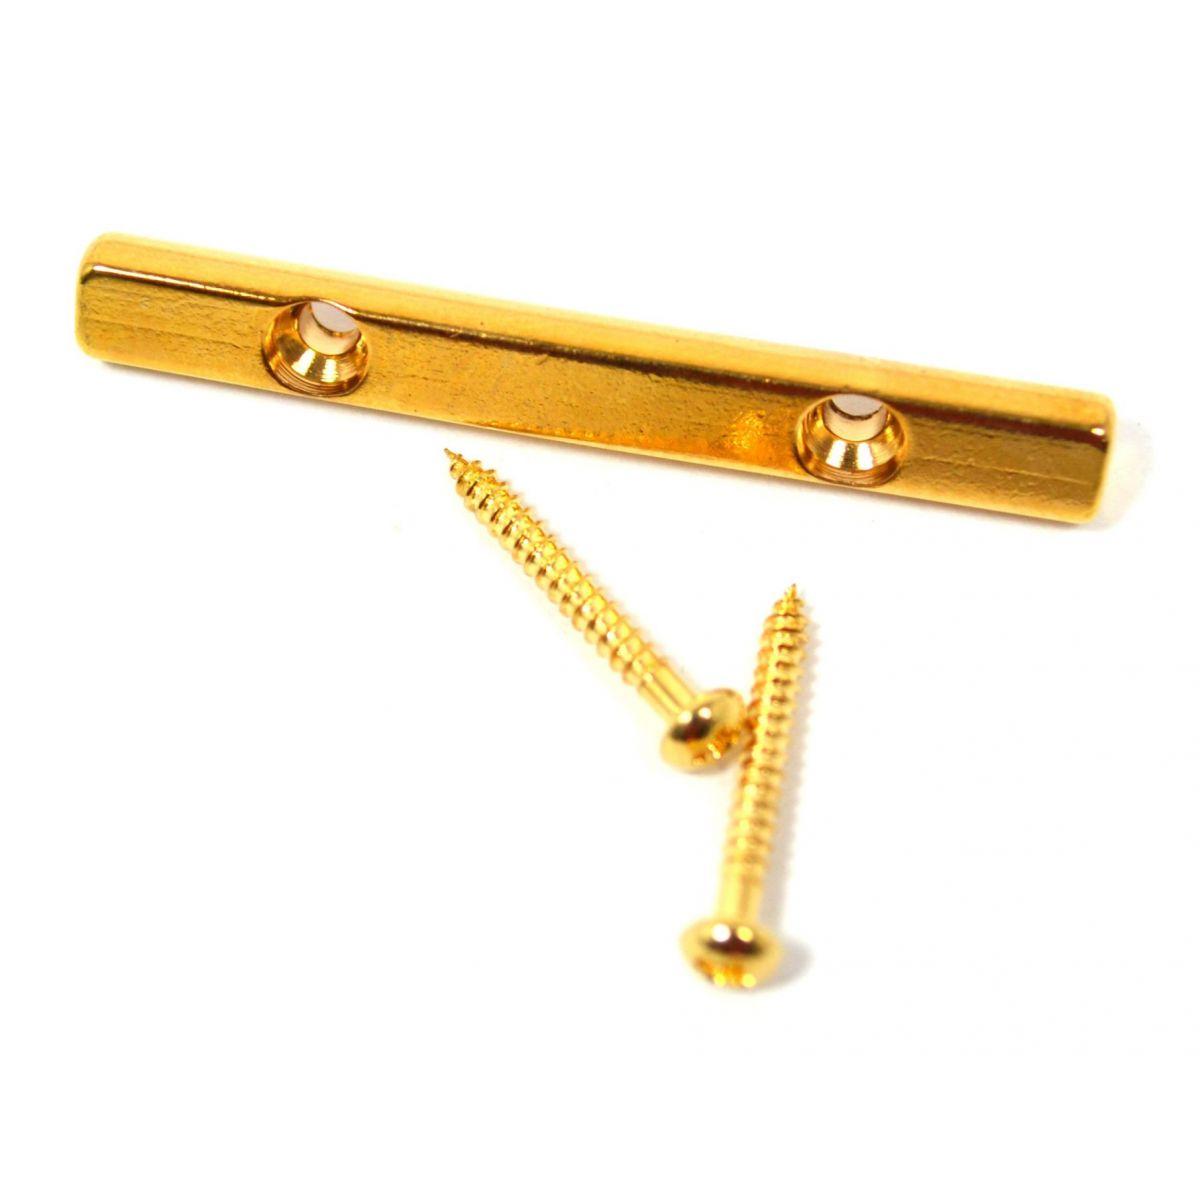 Rebaixador de cordas dourado para guitarra tipo barra 43mm (HS412)  - Luthieria Brasil